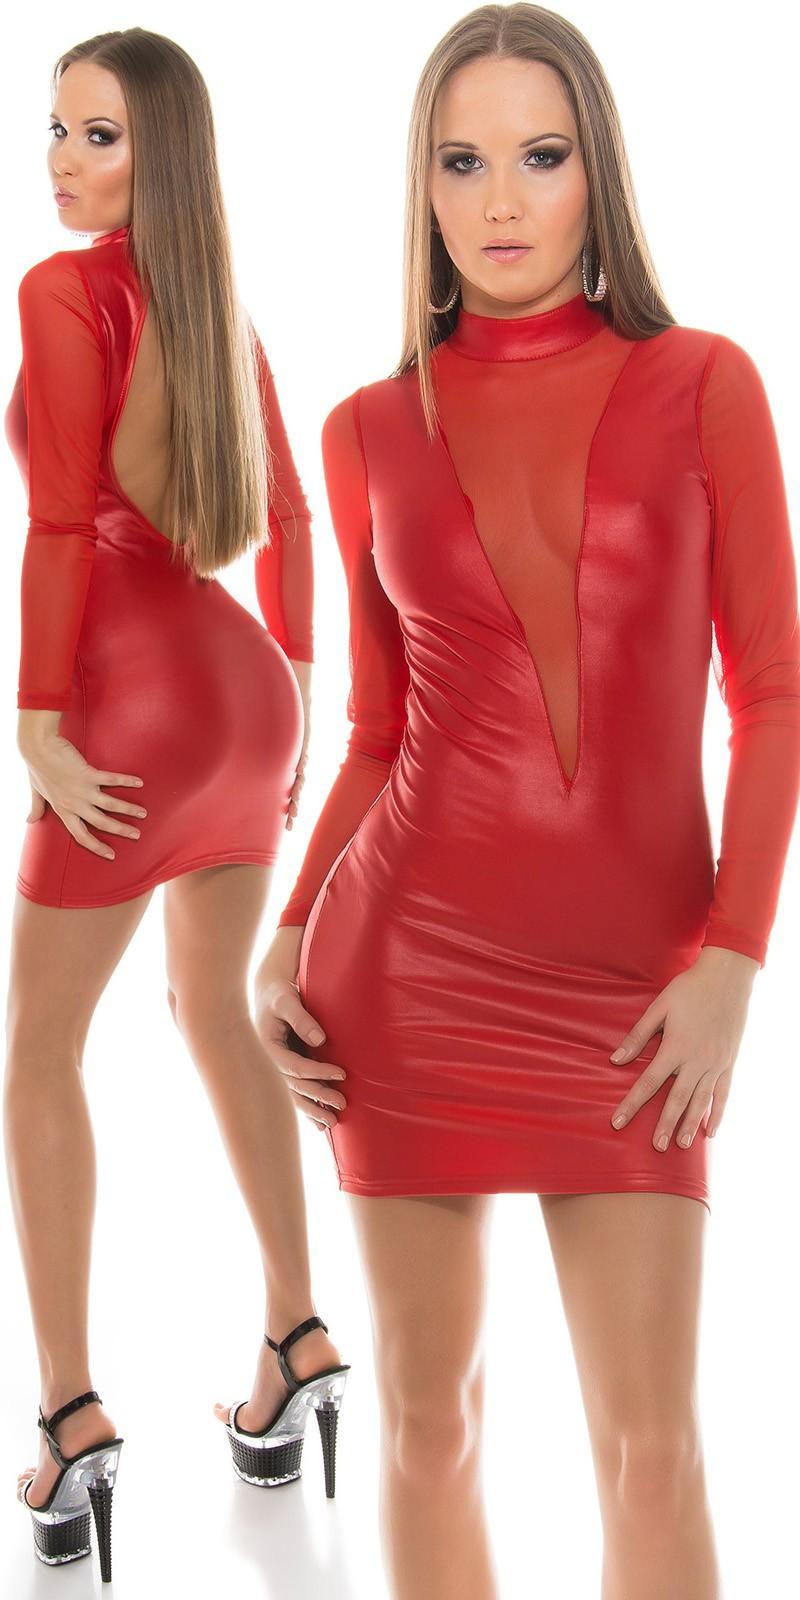 d0261d2240 Merész kivágású hálós betétes női miniruha - Piros (S/M ...